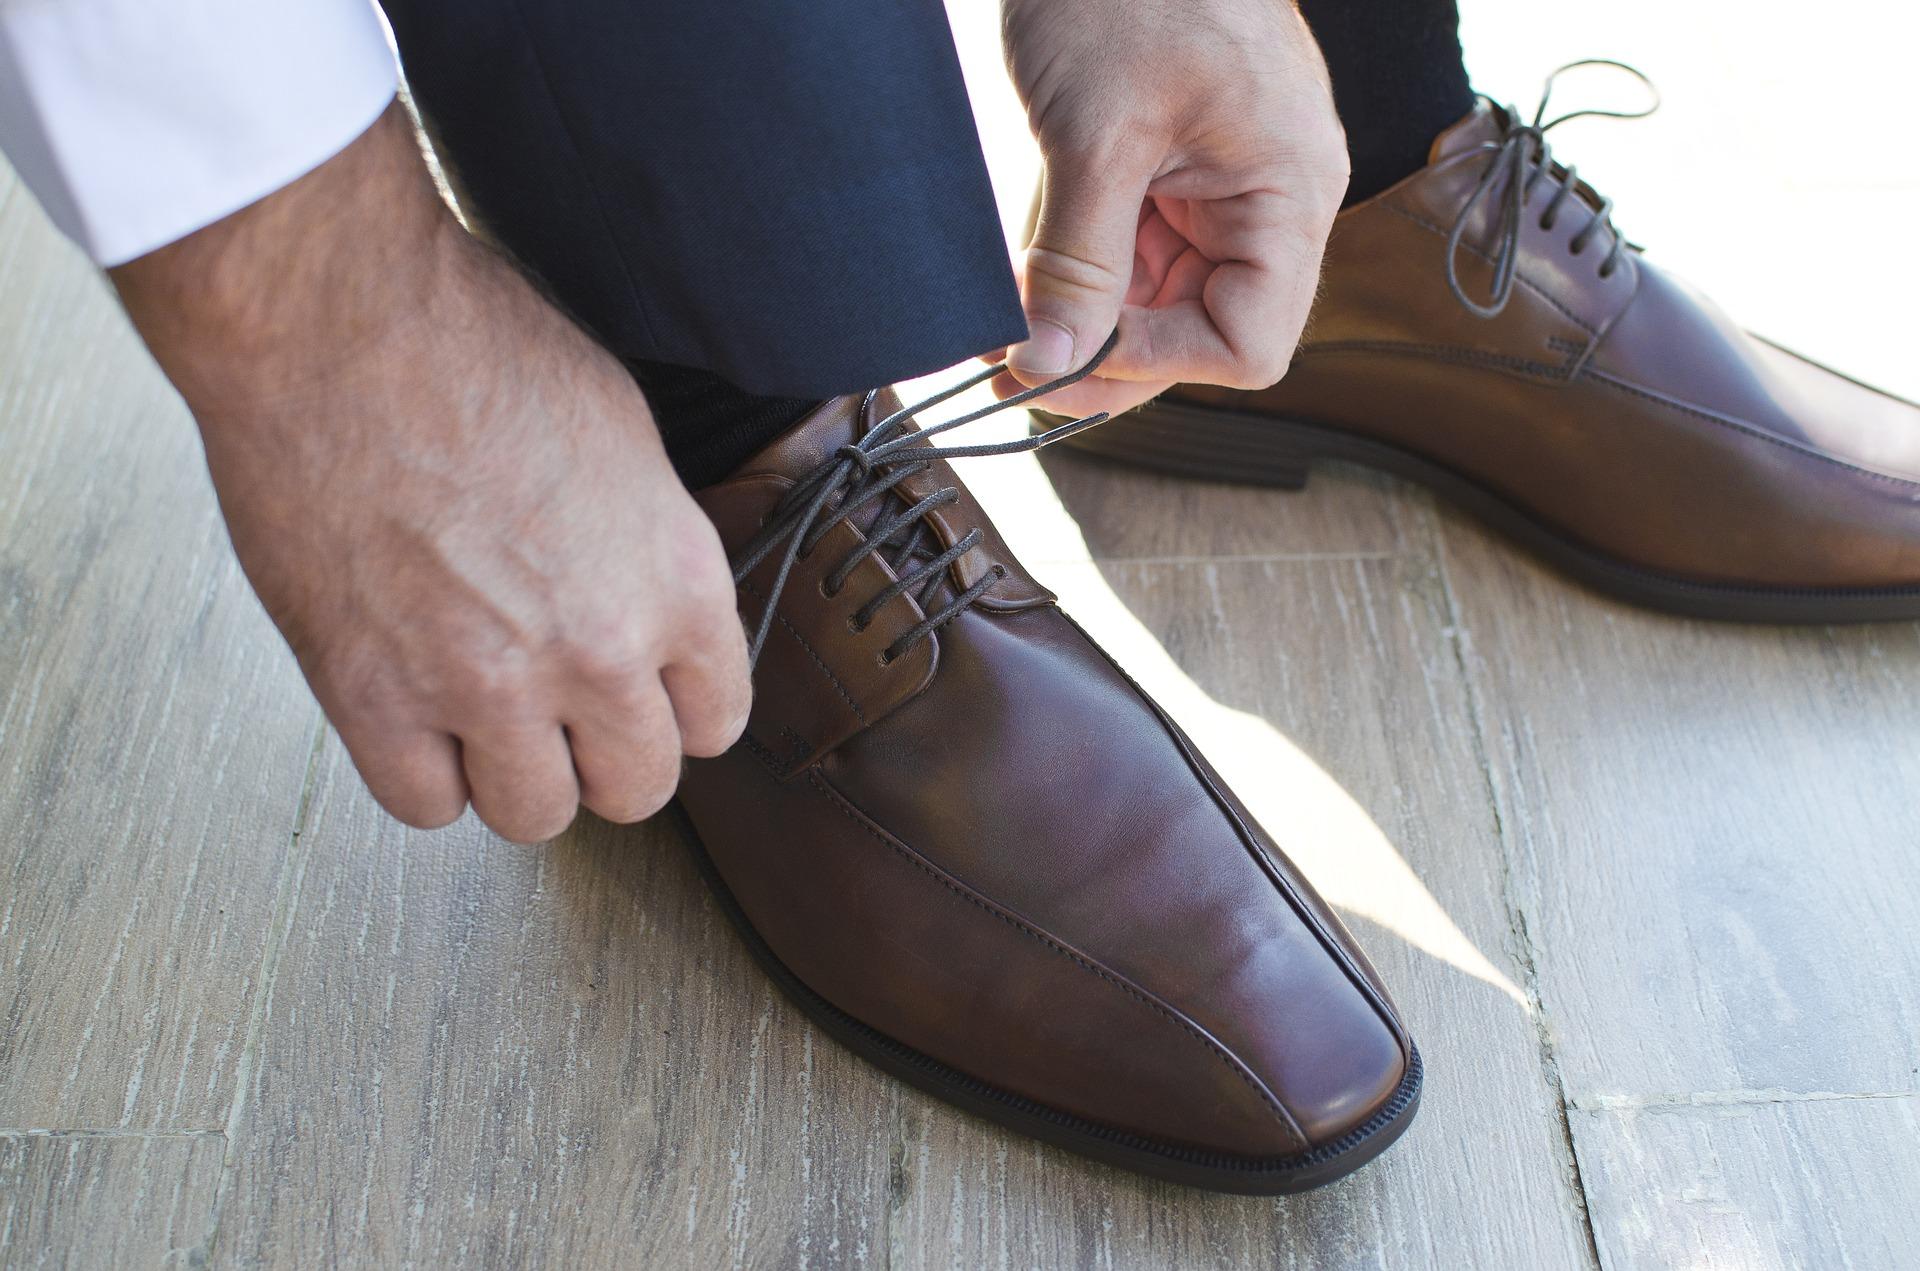 就活の失敗しない靴下の7つの選び方とは?NGの長さや色の靴下も紹介!